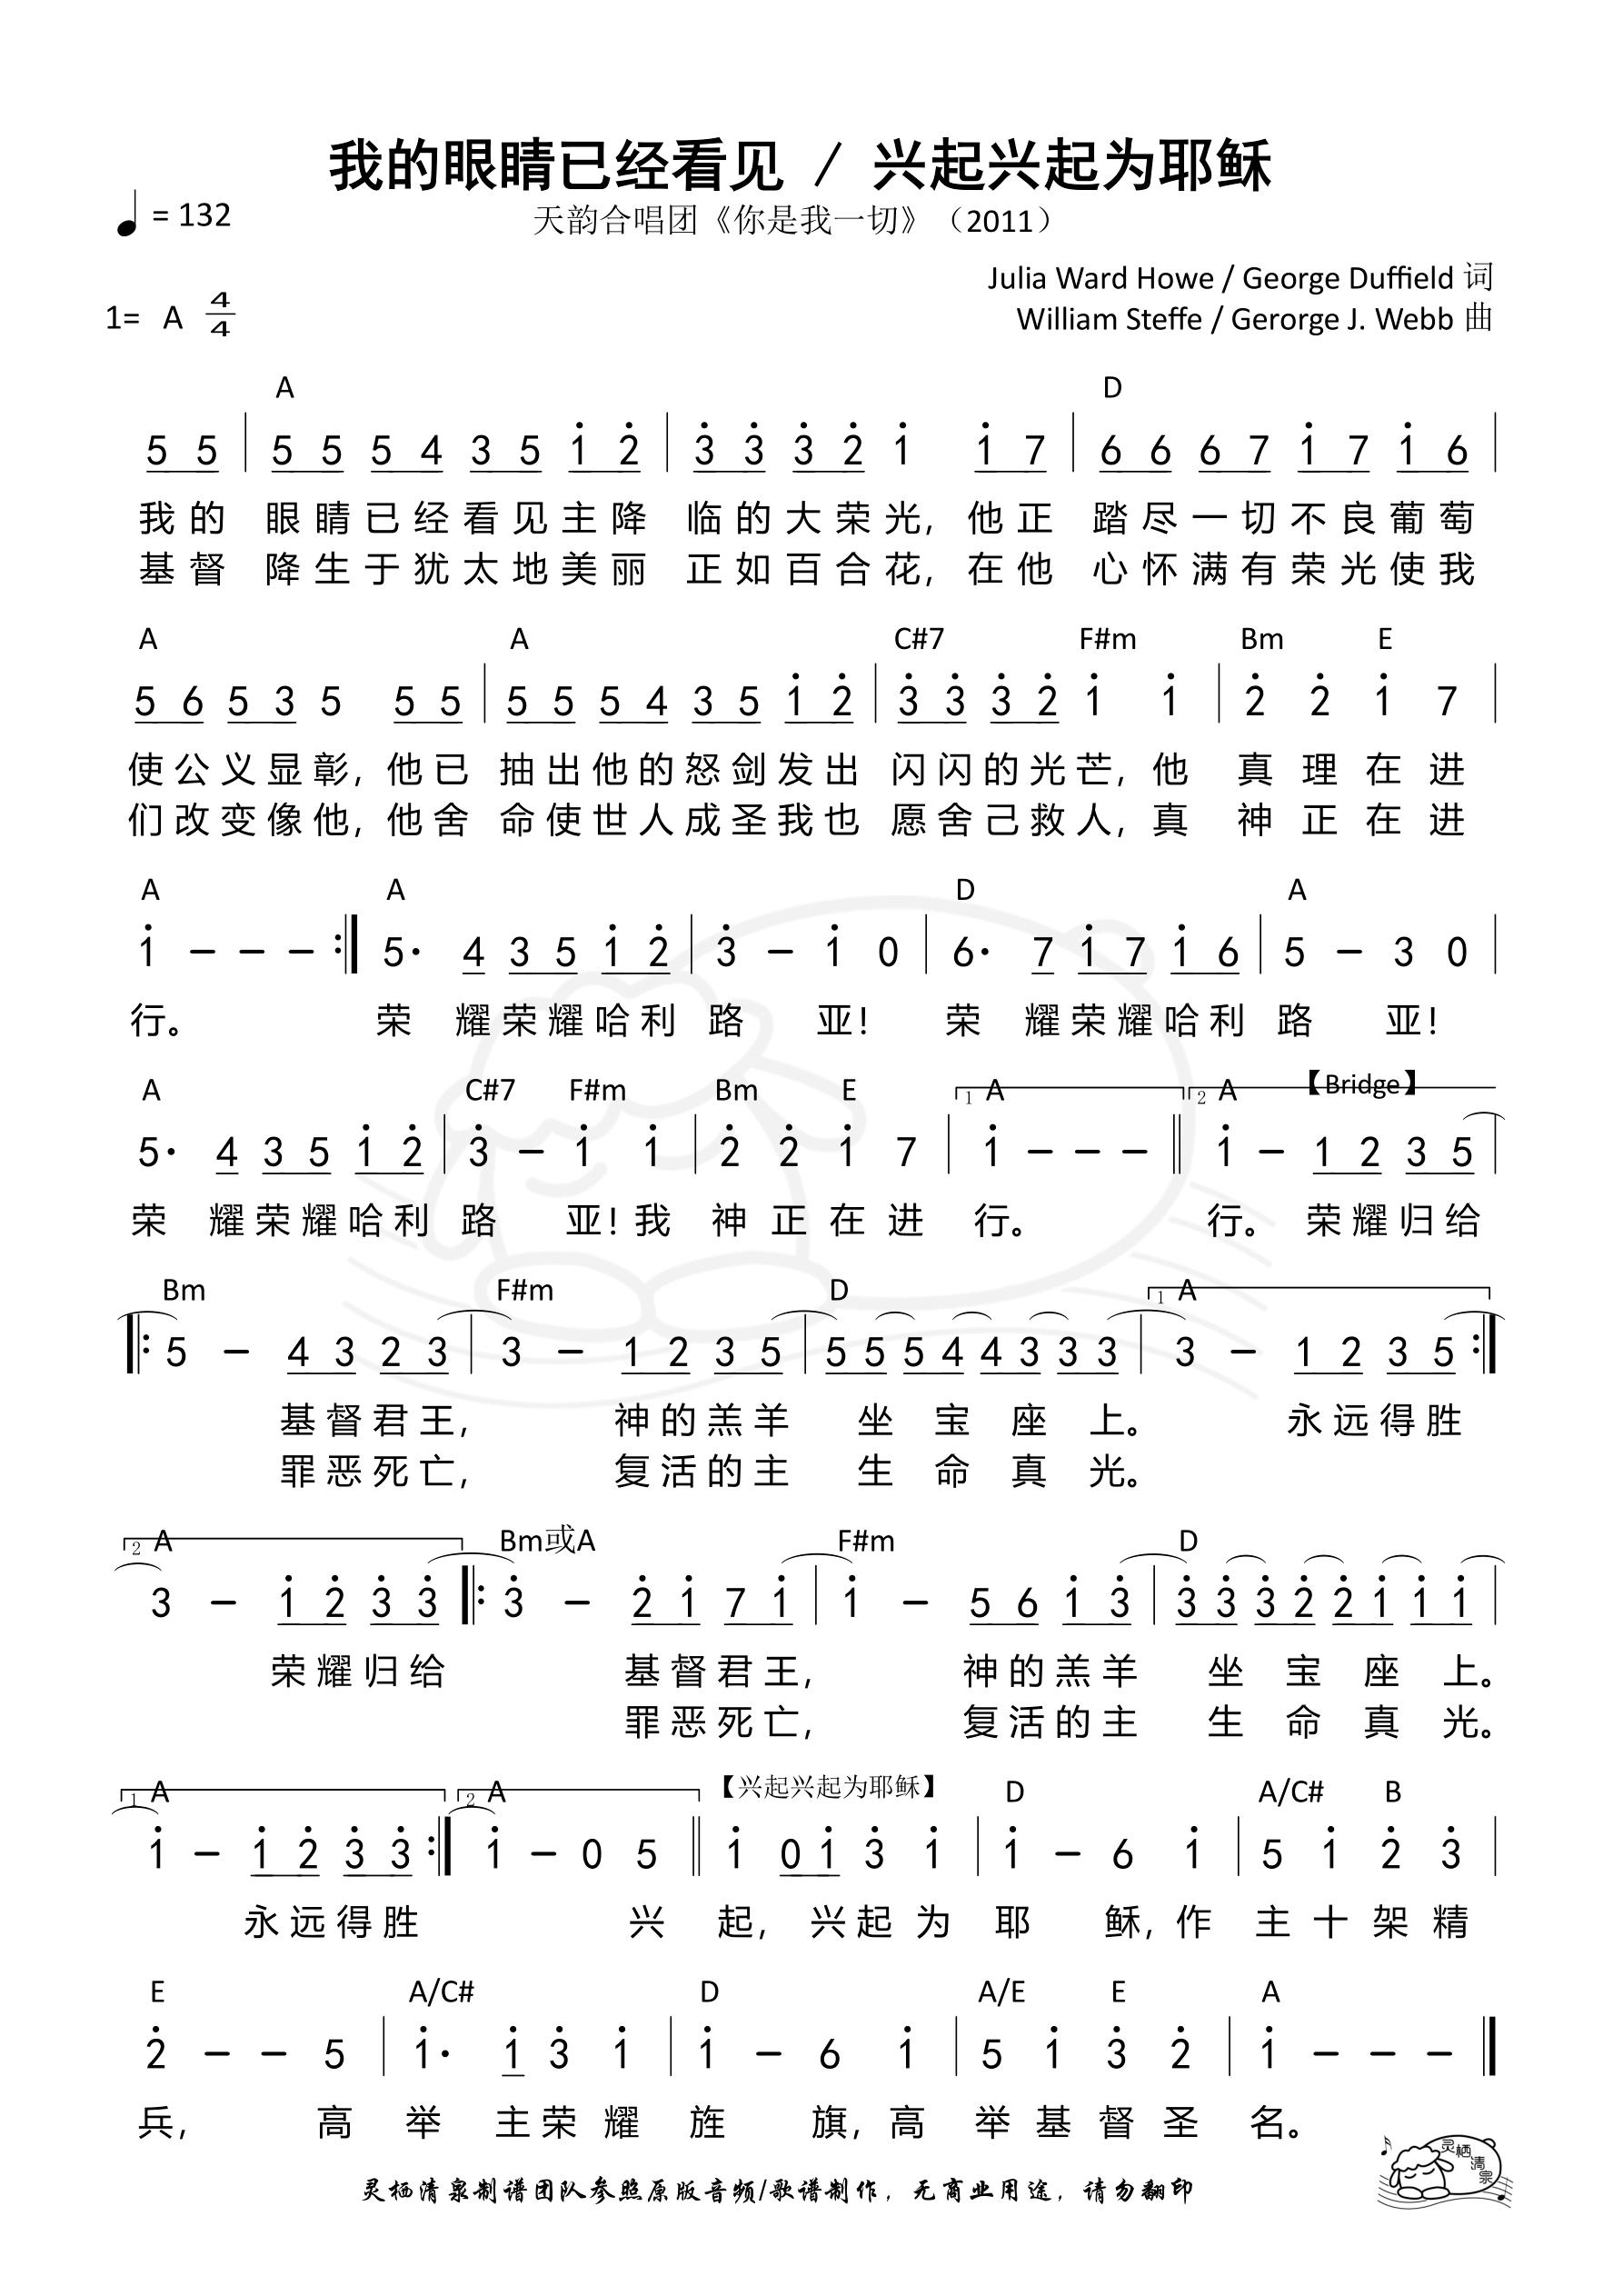 《第563首 - 我的眼睛已经看见兴起兴起为耶稣 和弦简谱》